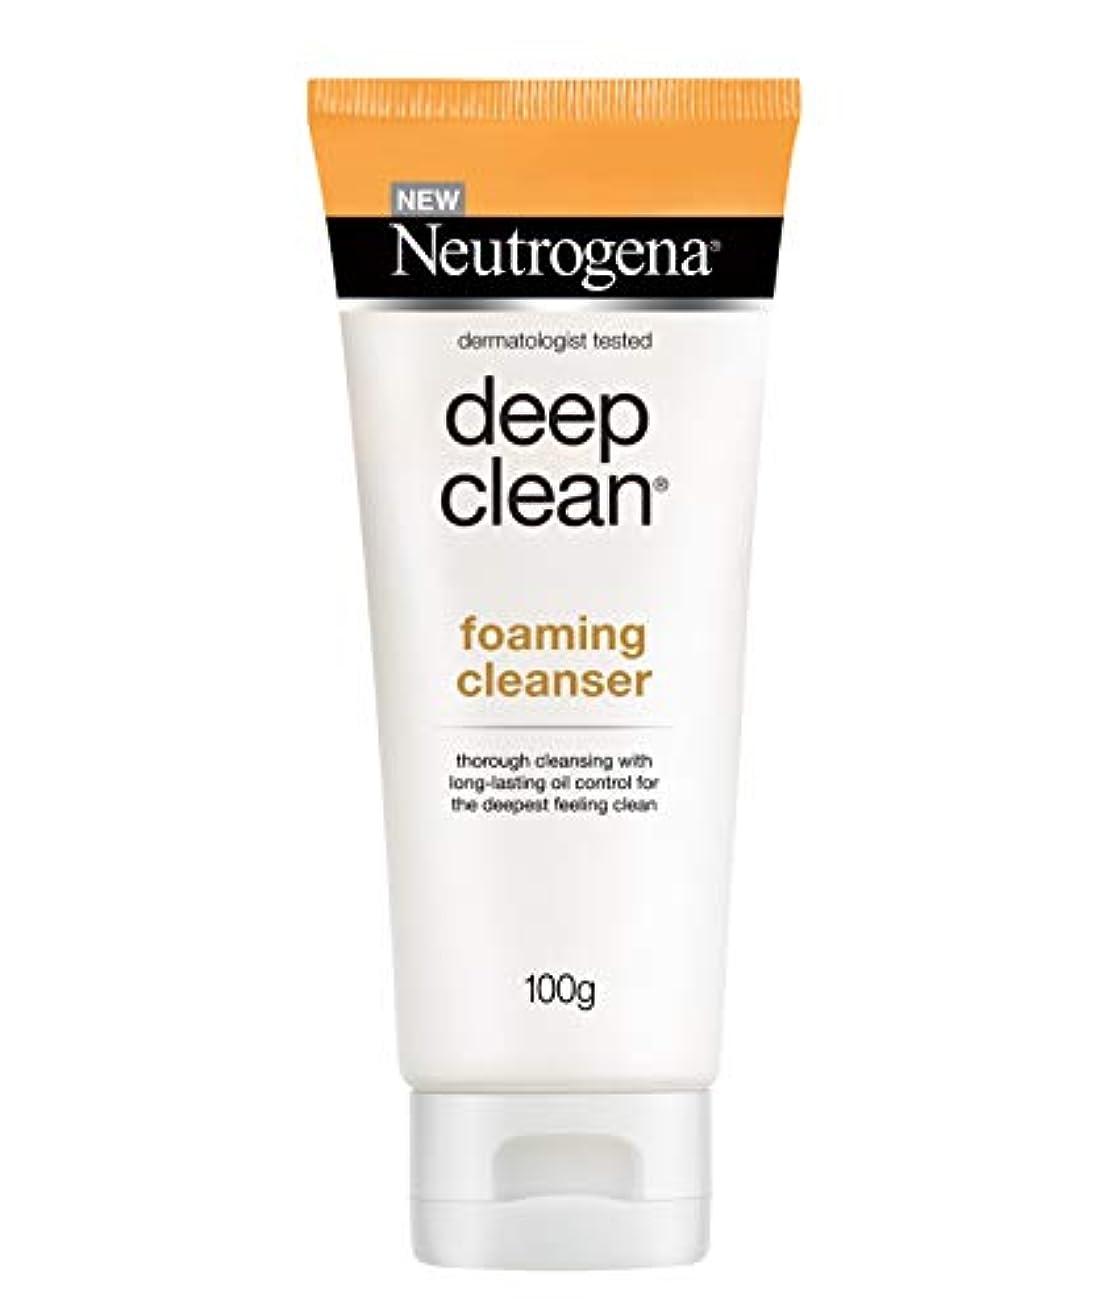 食品差別電話Neutrogena Deep Clean Foaming Cleanser, 100g